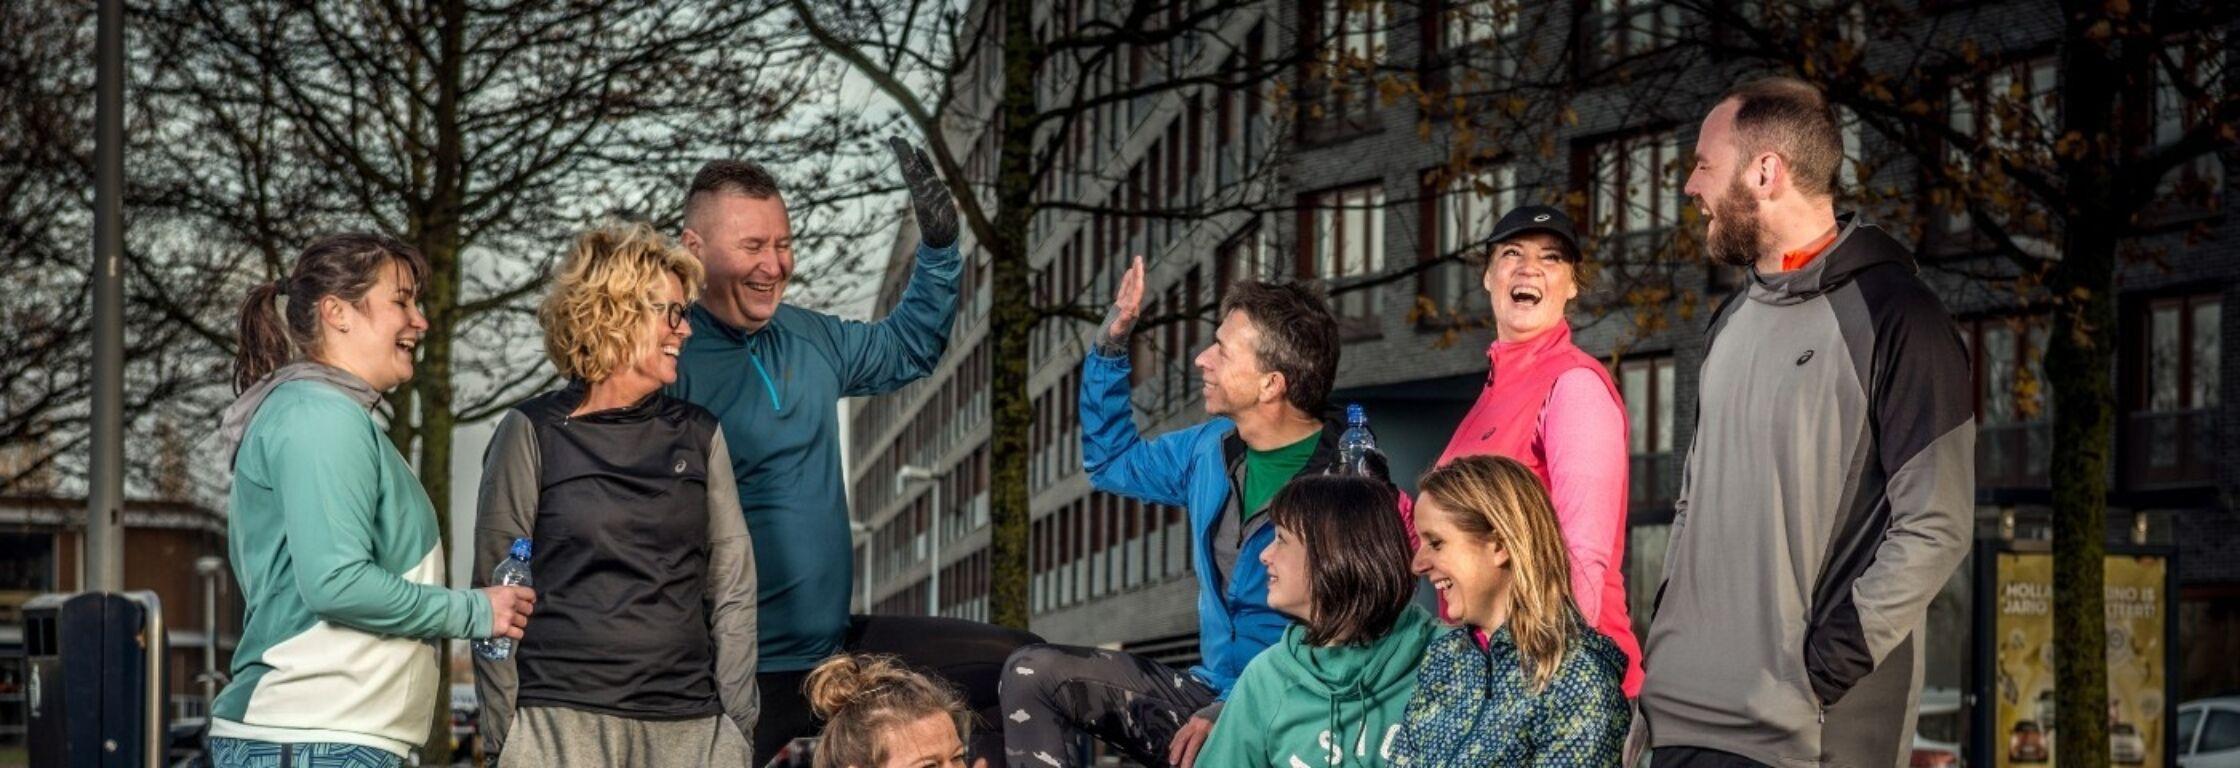 Ivonne den Hartog: 'Ik voel mij gezonder én heb er leuke loopmaatjes aan overgehouden'